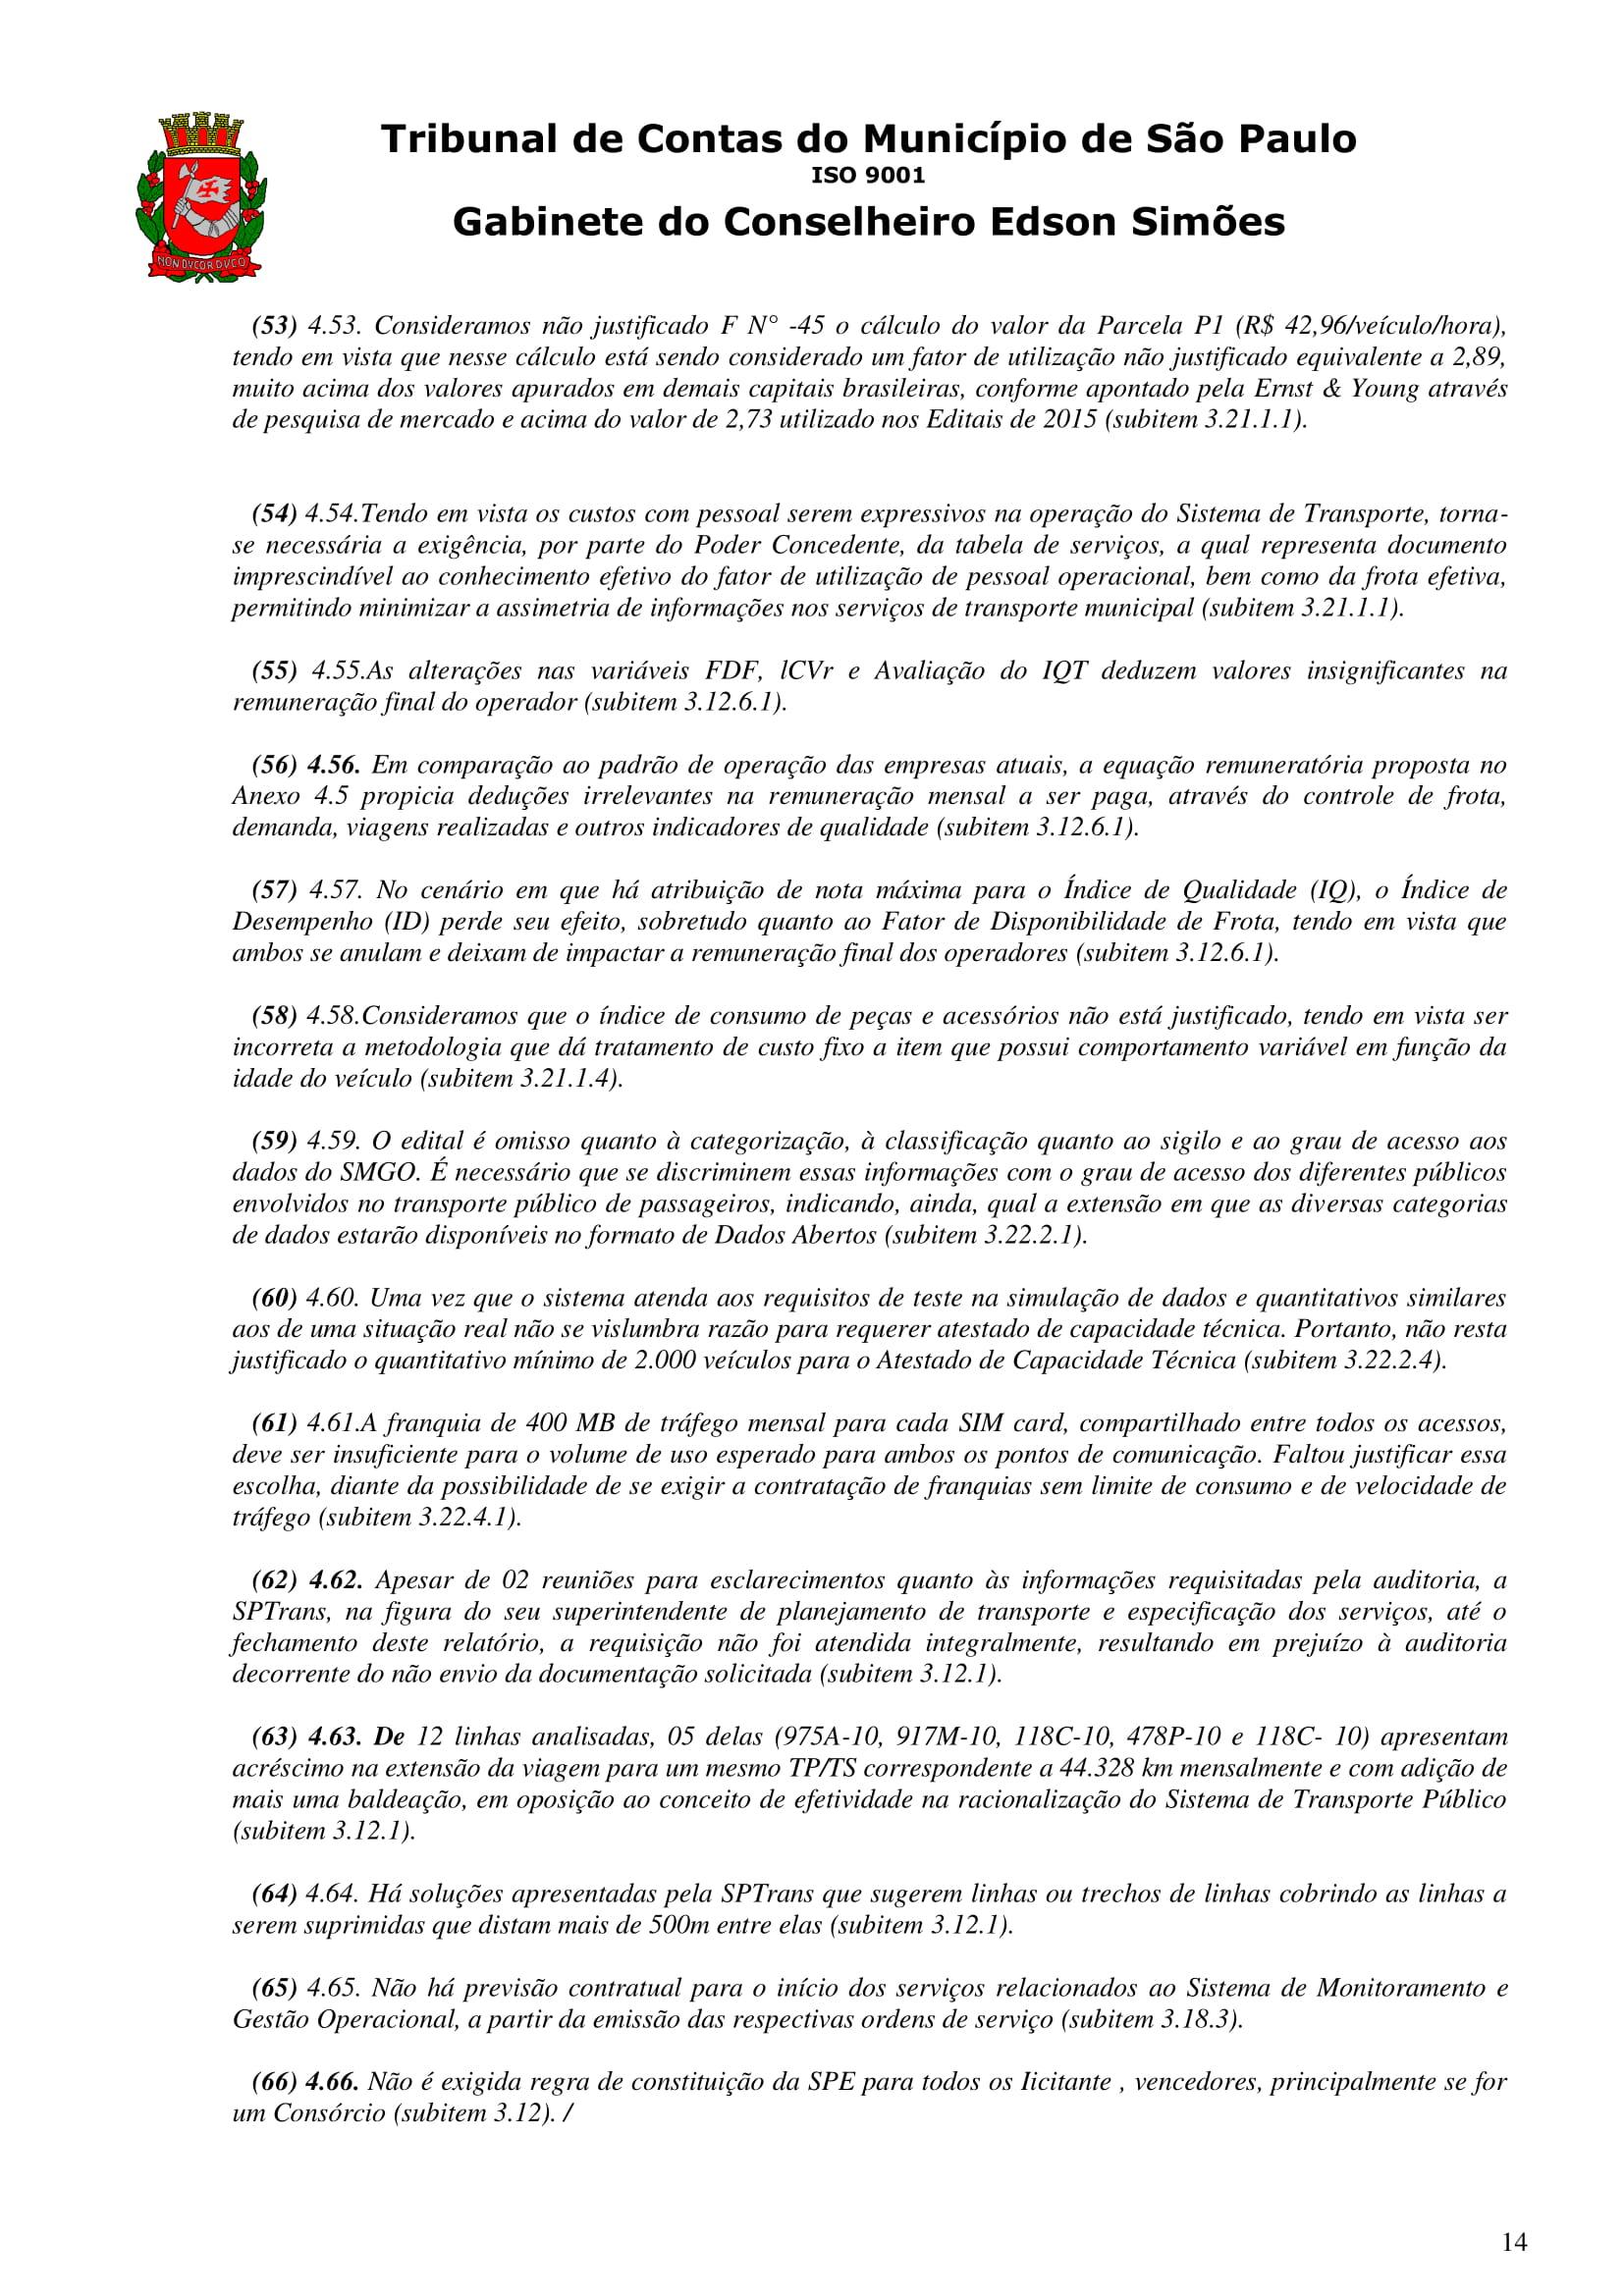 ofício-gb-2038-18 (Concessão Ônibus 2018) - SMT 08.08.18 - pdf-14